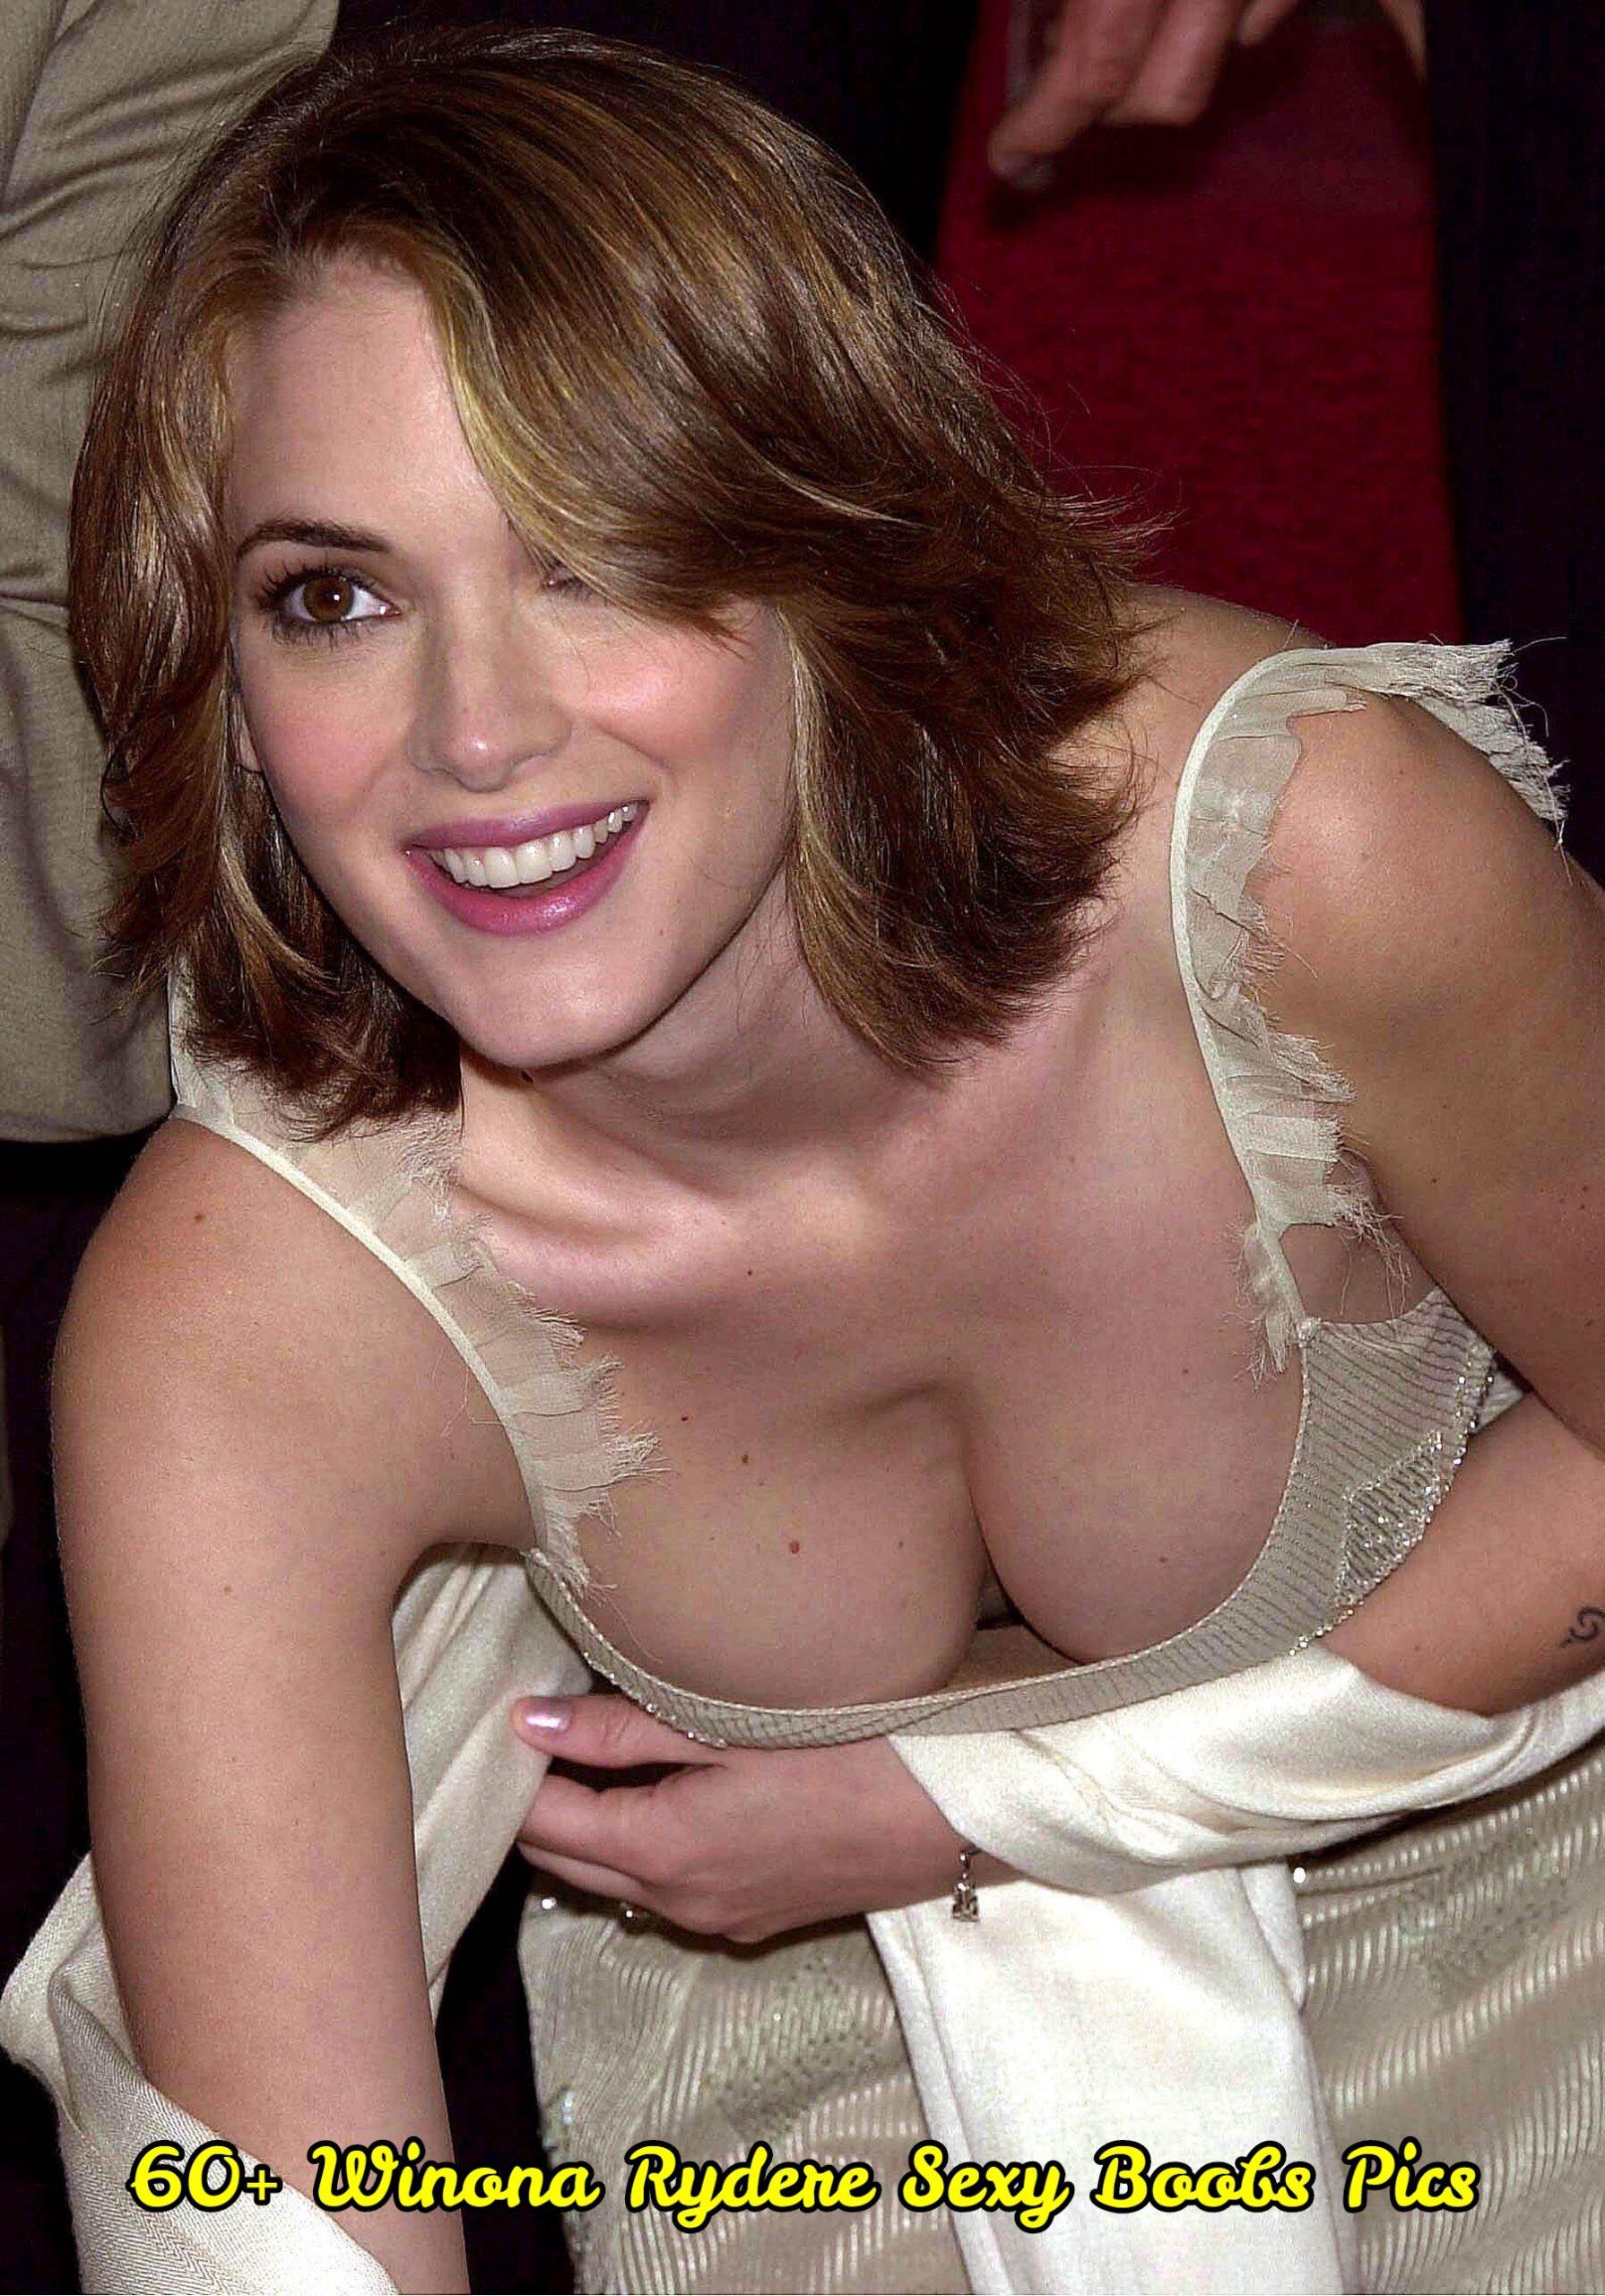 winona ryder sexy boobs pics (1)